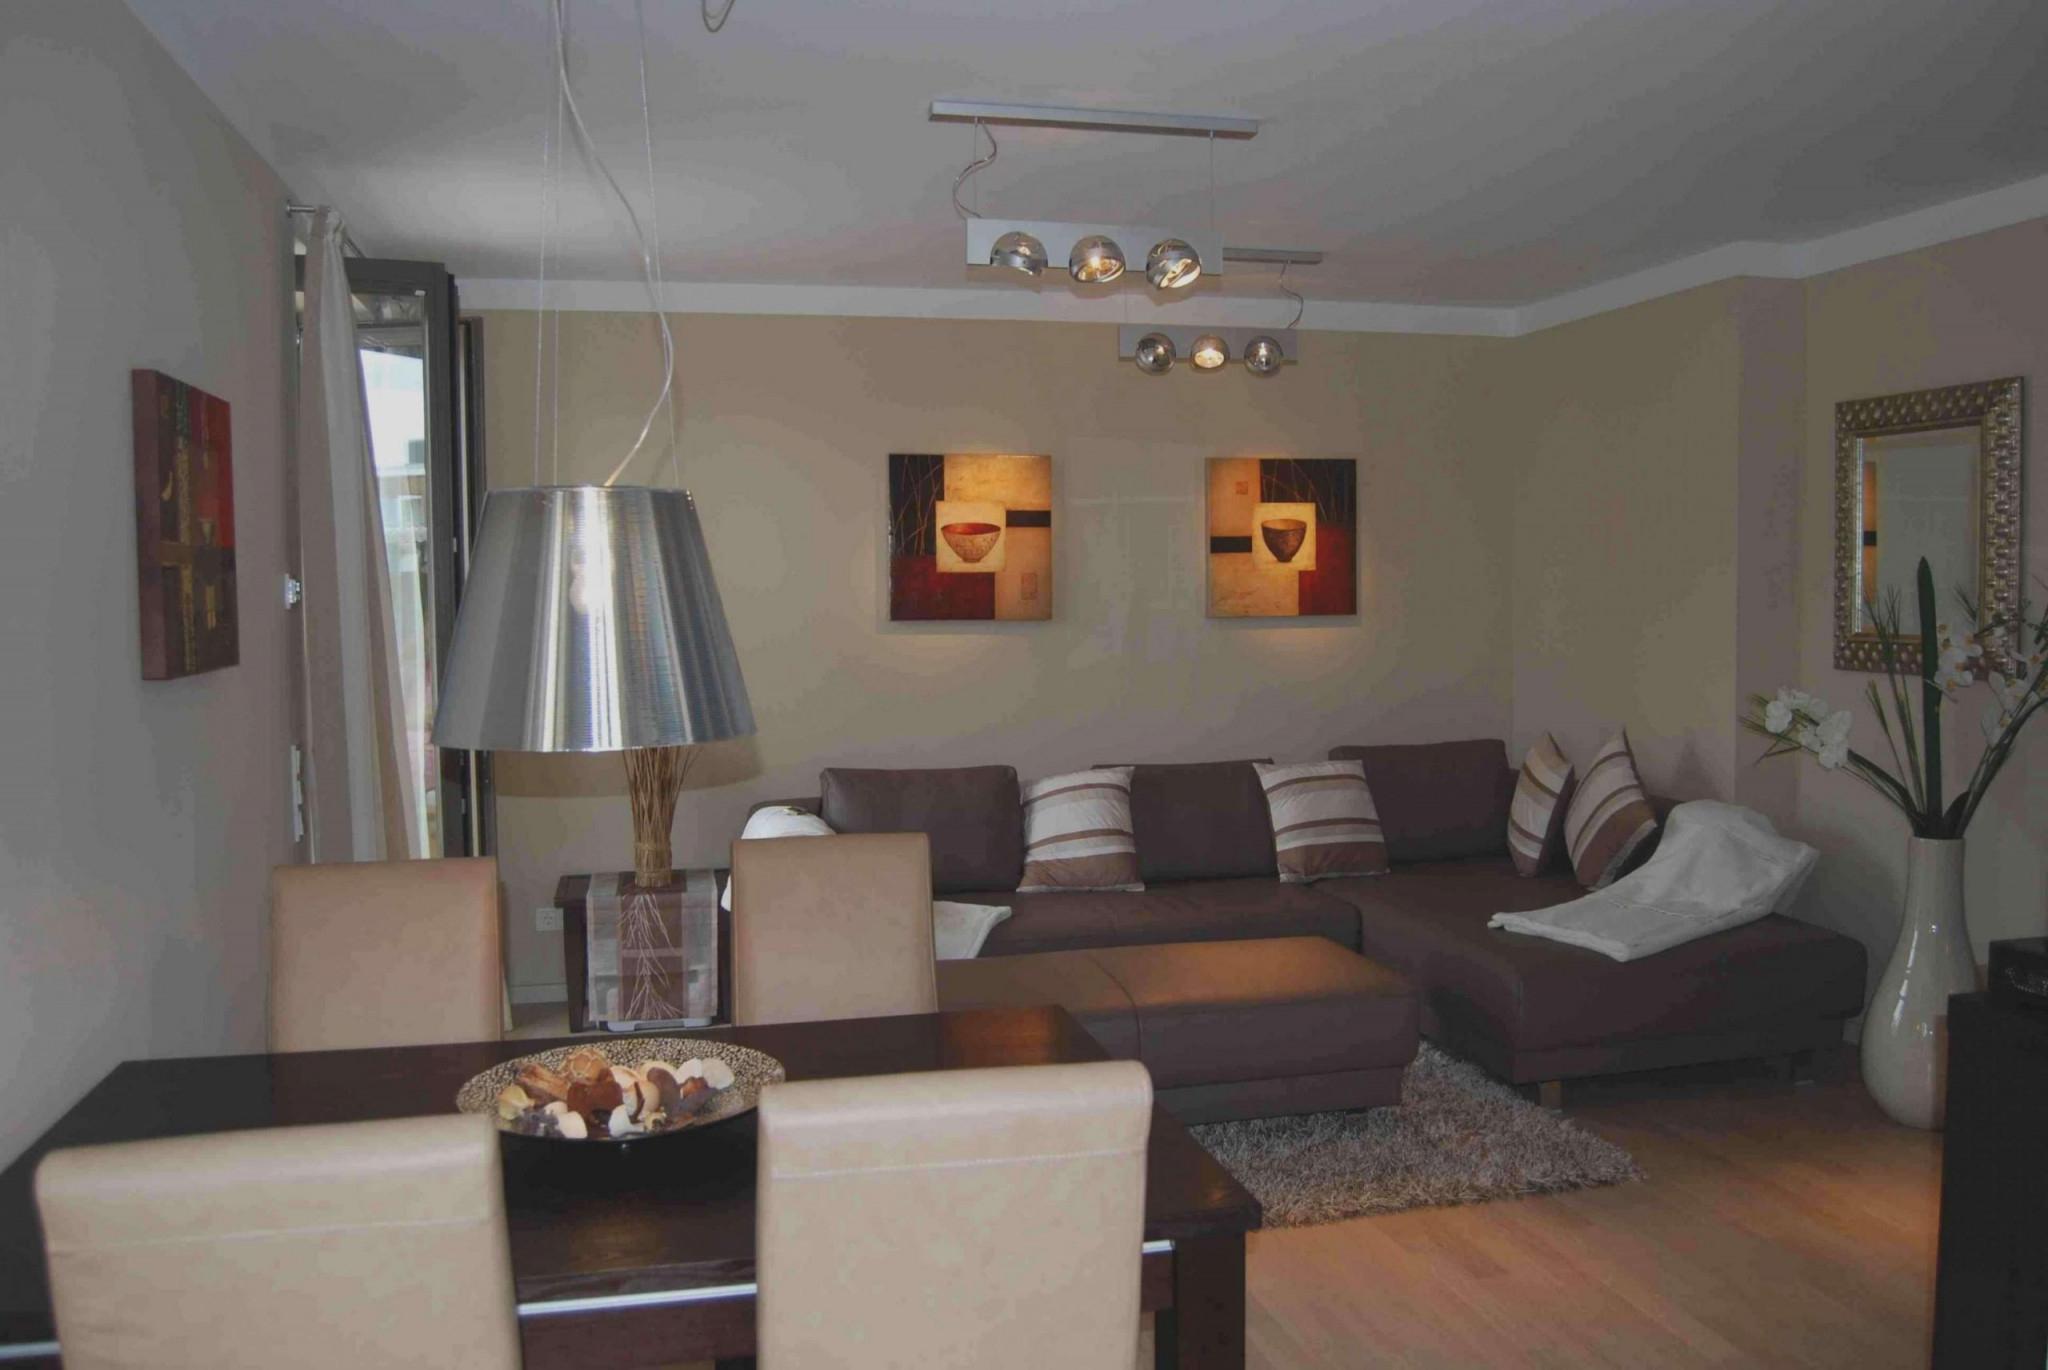 Einrichtungsideen Wohnzimmer L Form – Caseconrad von Wohnzimmer L Form Einrichten Bild